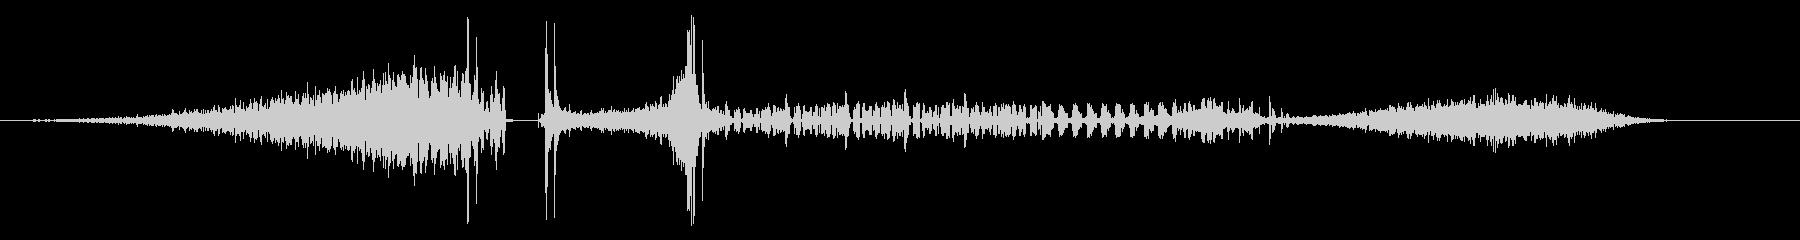 【映画】 TONAL_06 タイトルロゴの未再生の波形